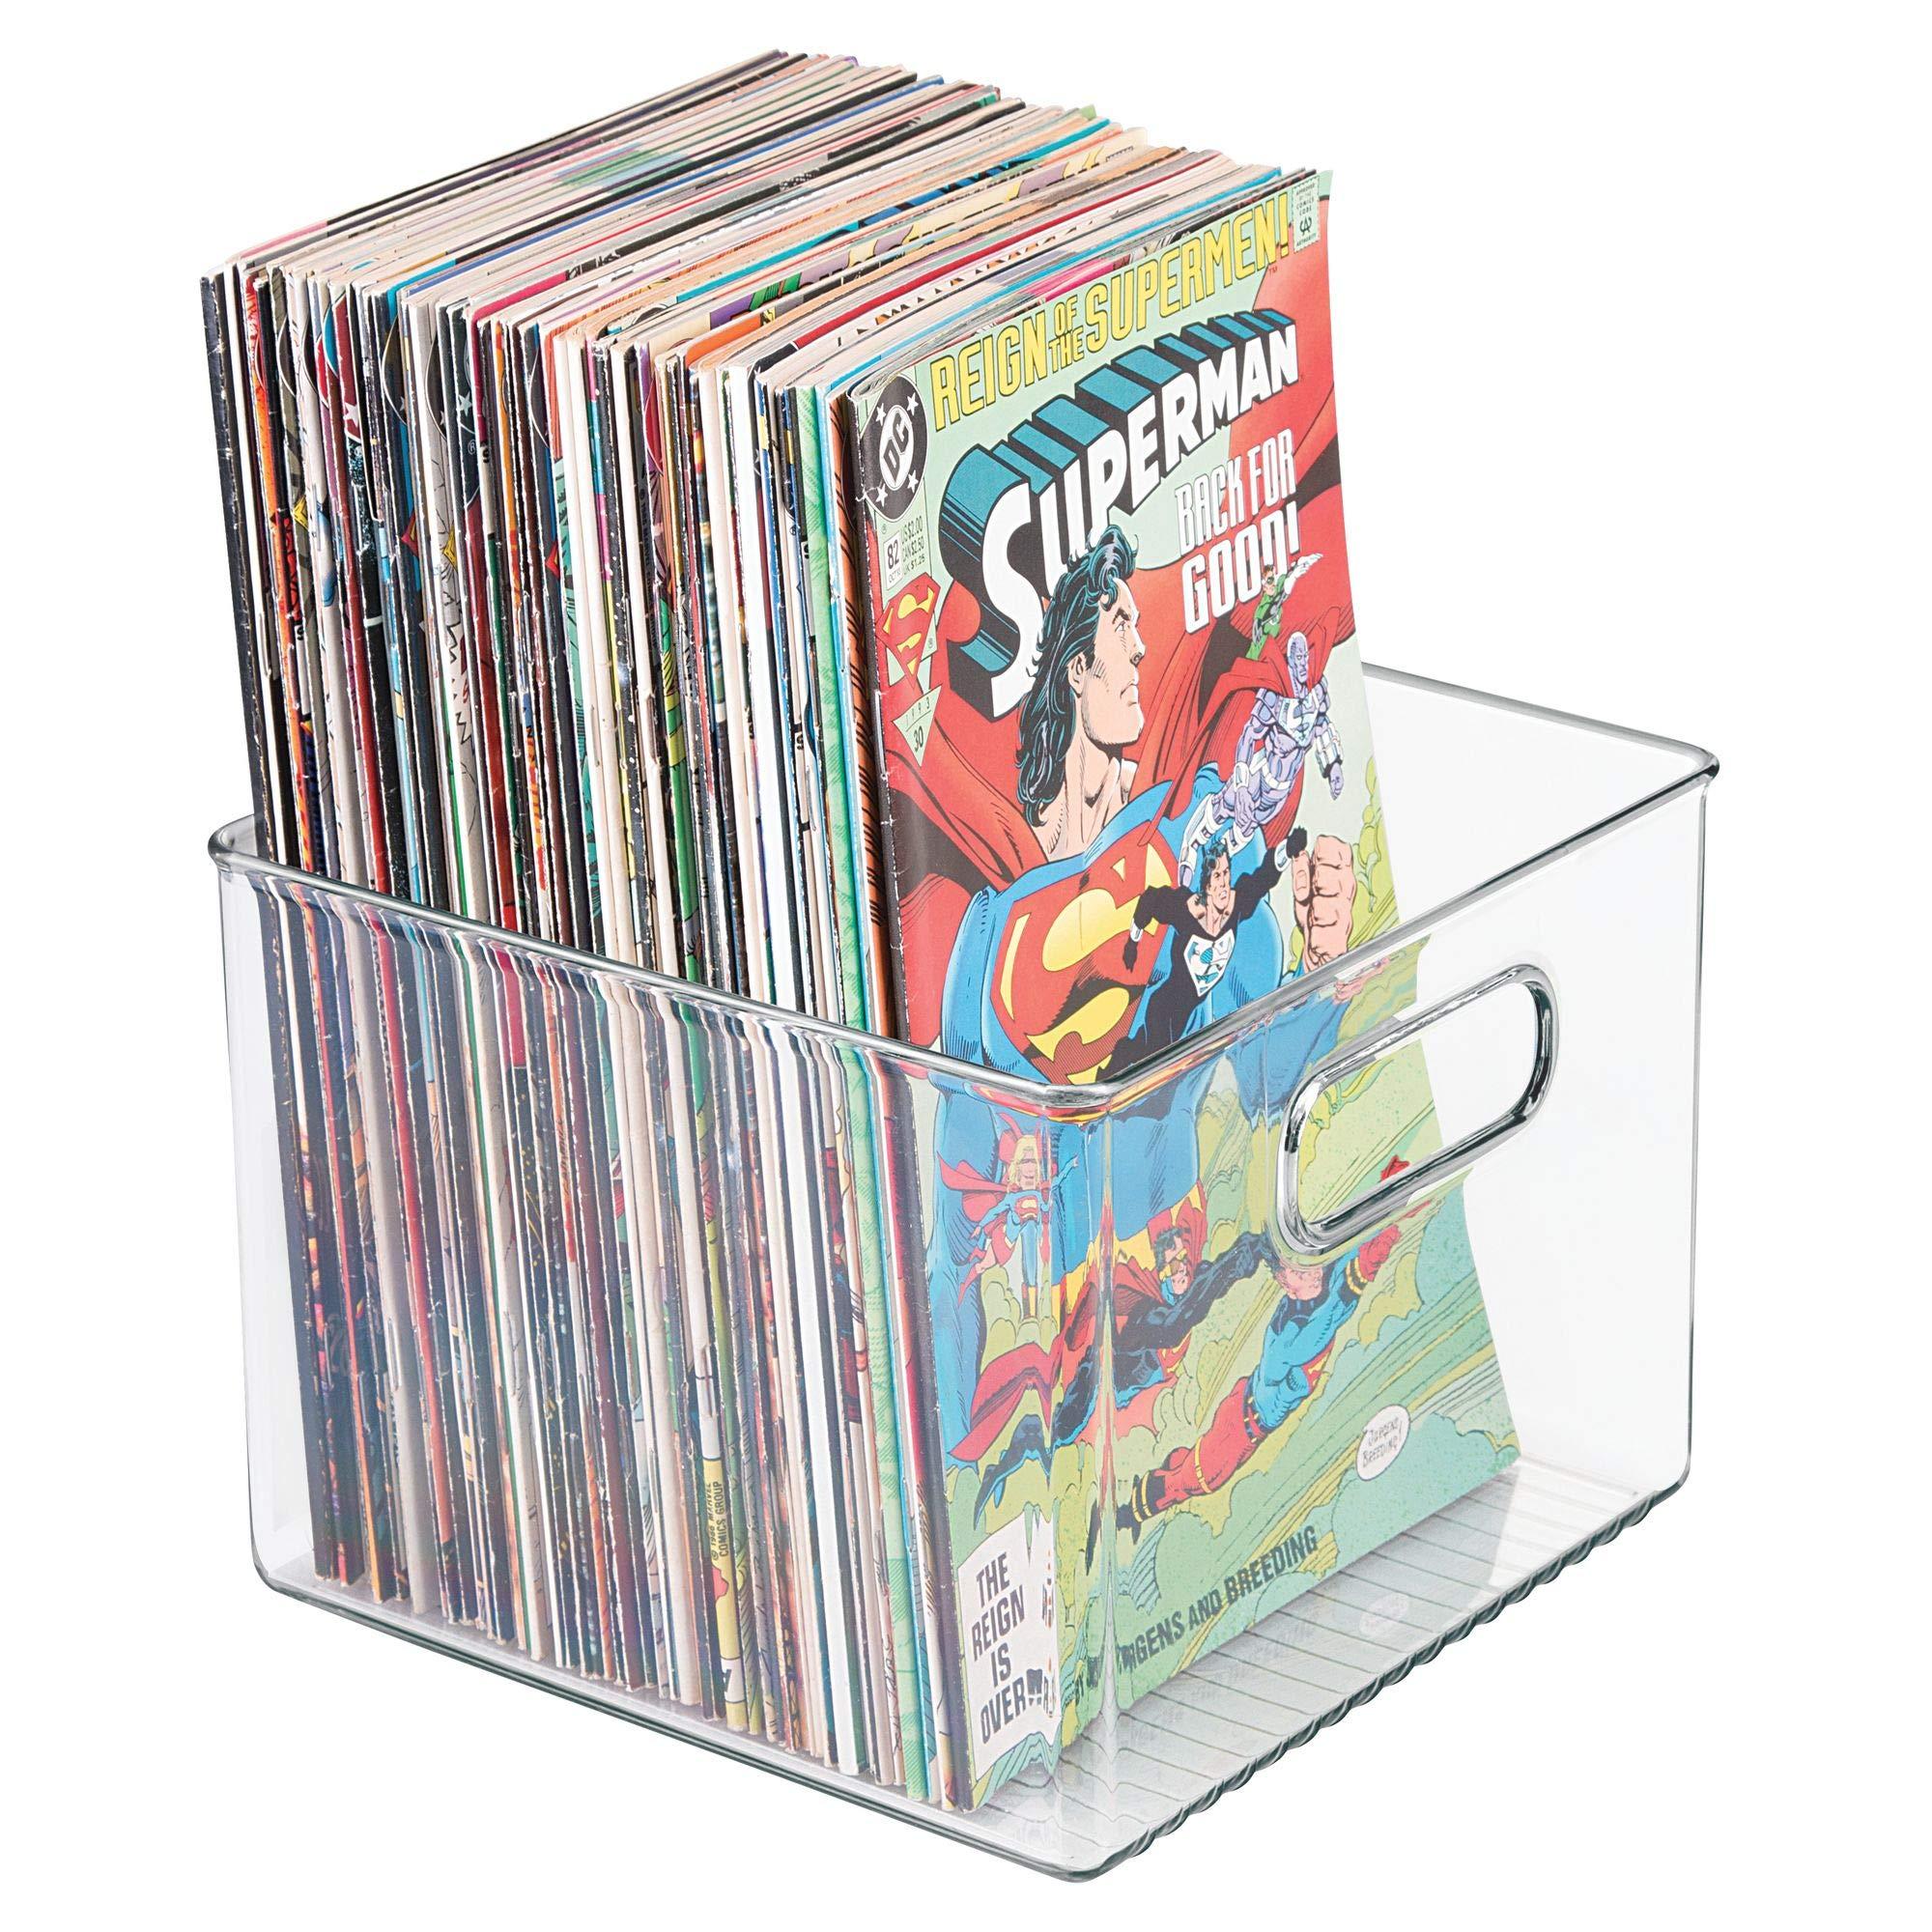 mDesign Juego de 2 Cajas organizadoras de plástico cuadradas – Cajas para cómics, revistas, periódicos, Libros, etc. – Organizadores de Libros con Asas incorporadas – Transparente: Amazon.es: Hogar